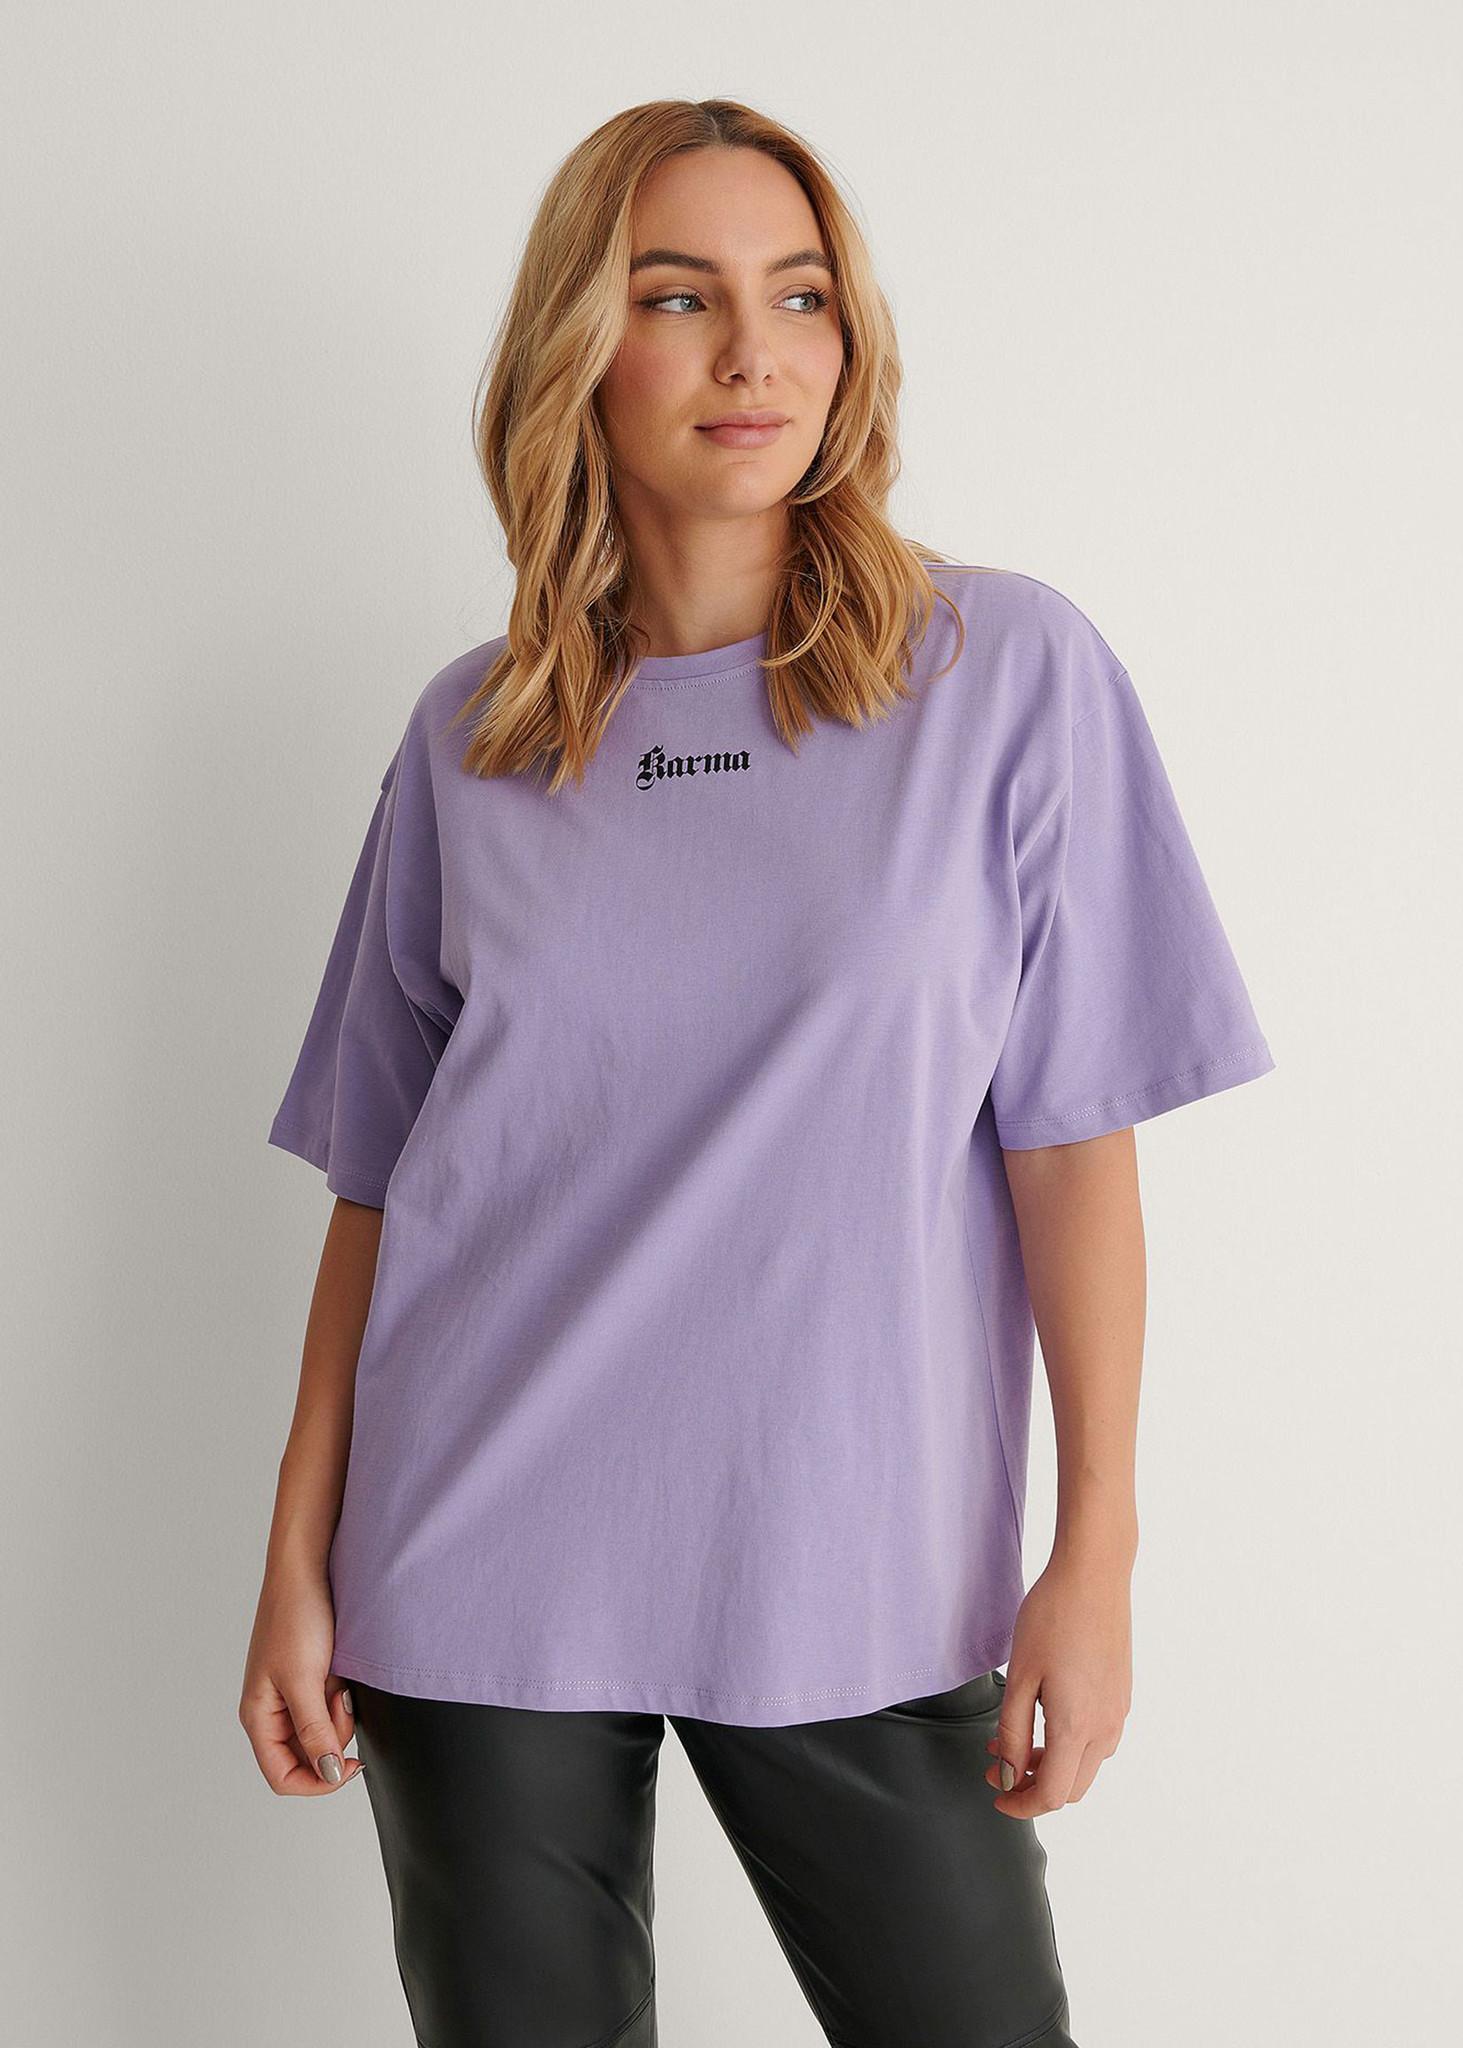 Karma Printed T-shirt Purple-1